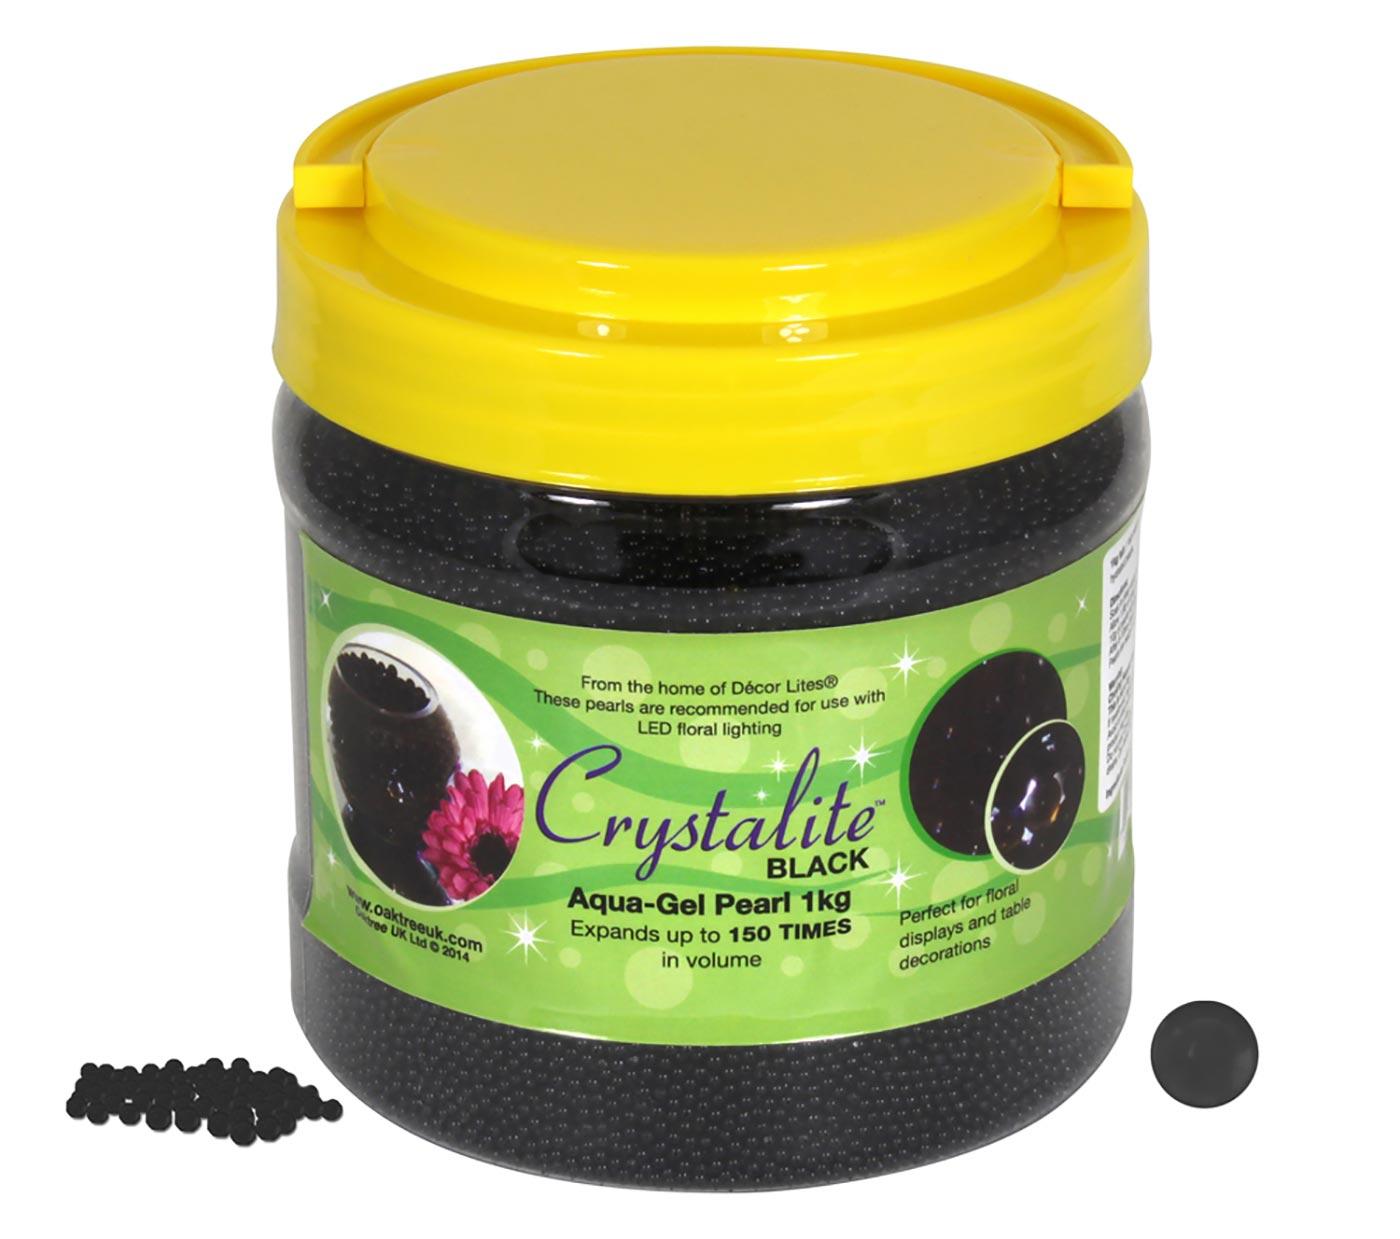 Crystalite Pearls 1Kg Black